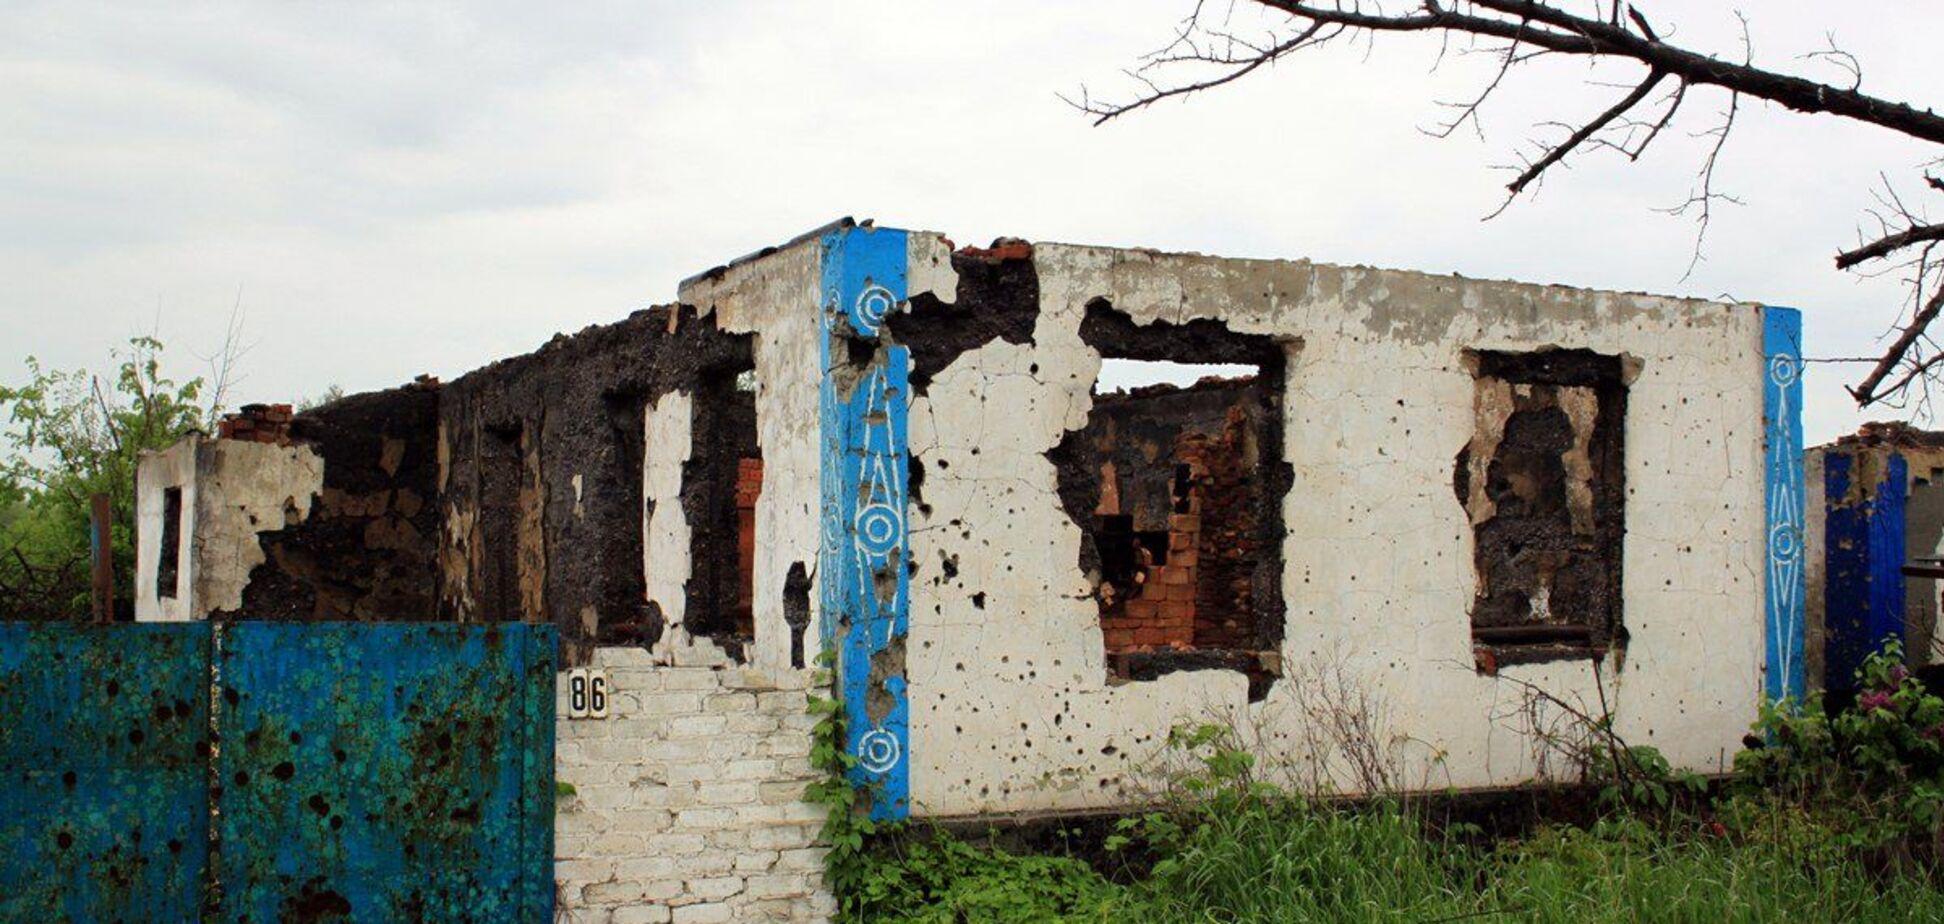 Офіцер ЗСУ опублікував показовий знімок 'руского міра' на Донбасі